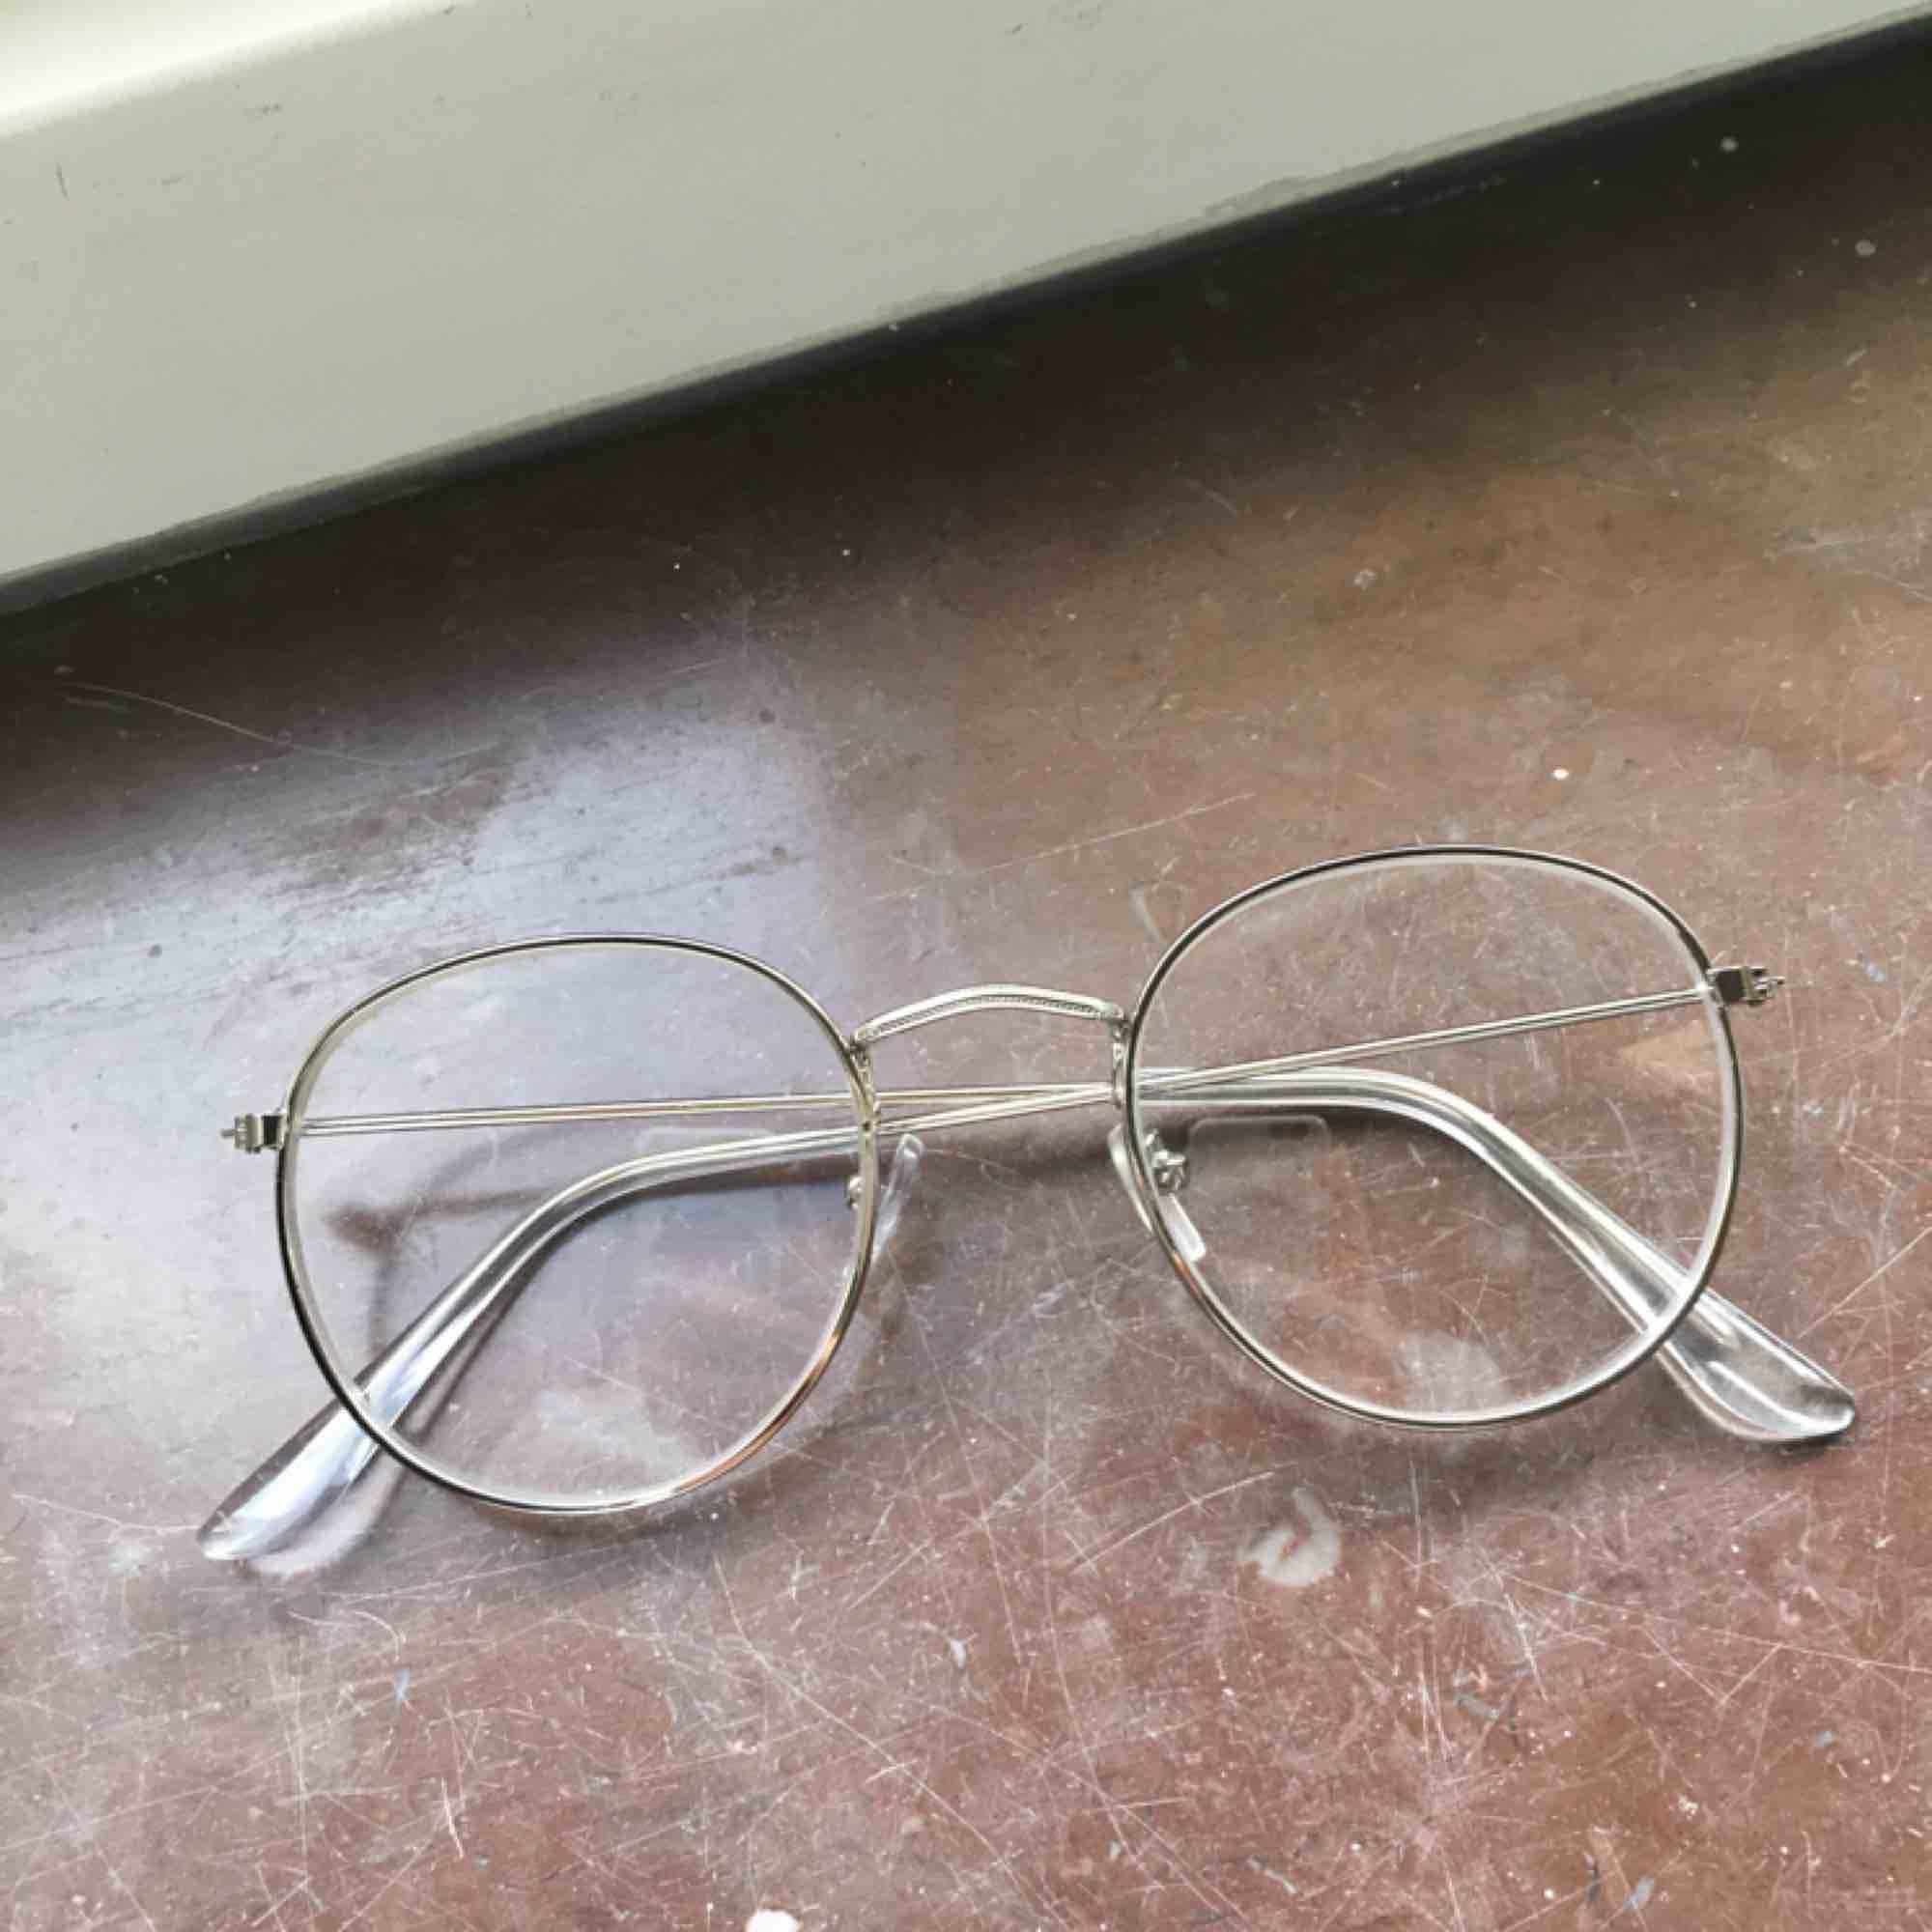 Vintage stil glasögon utan styrka ! En snygg detalj . Accessoarer. c2f53123740a1